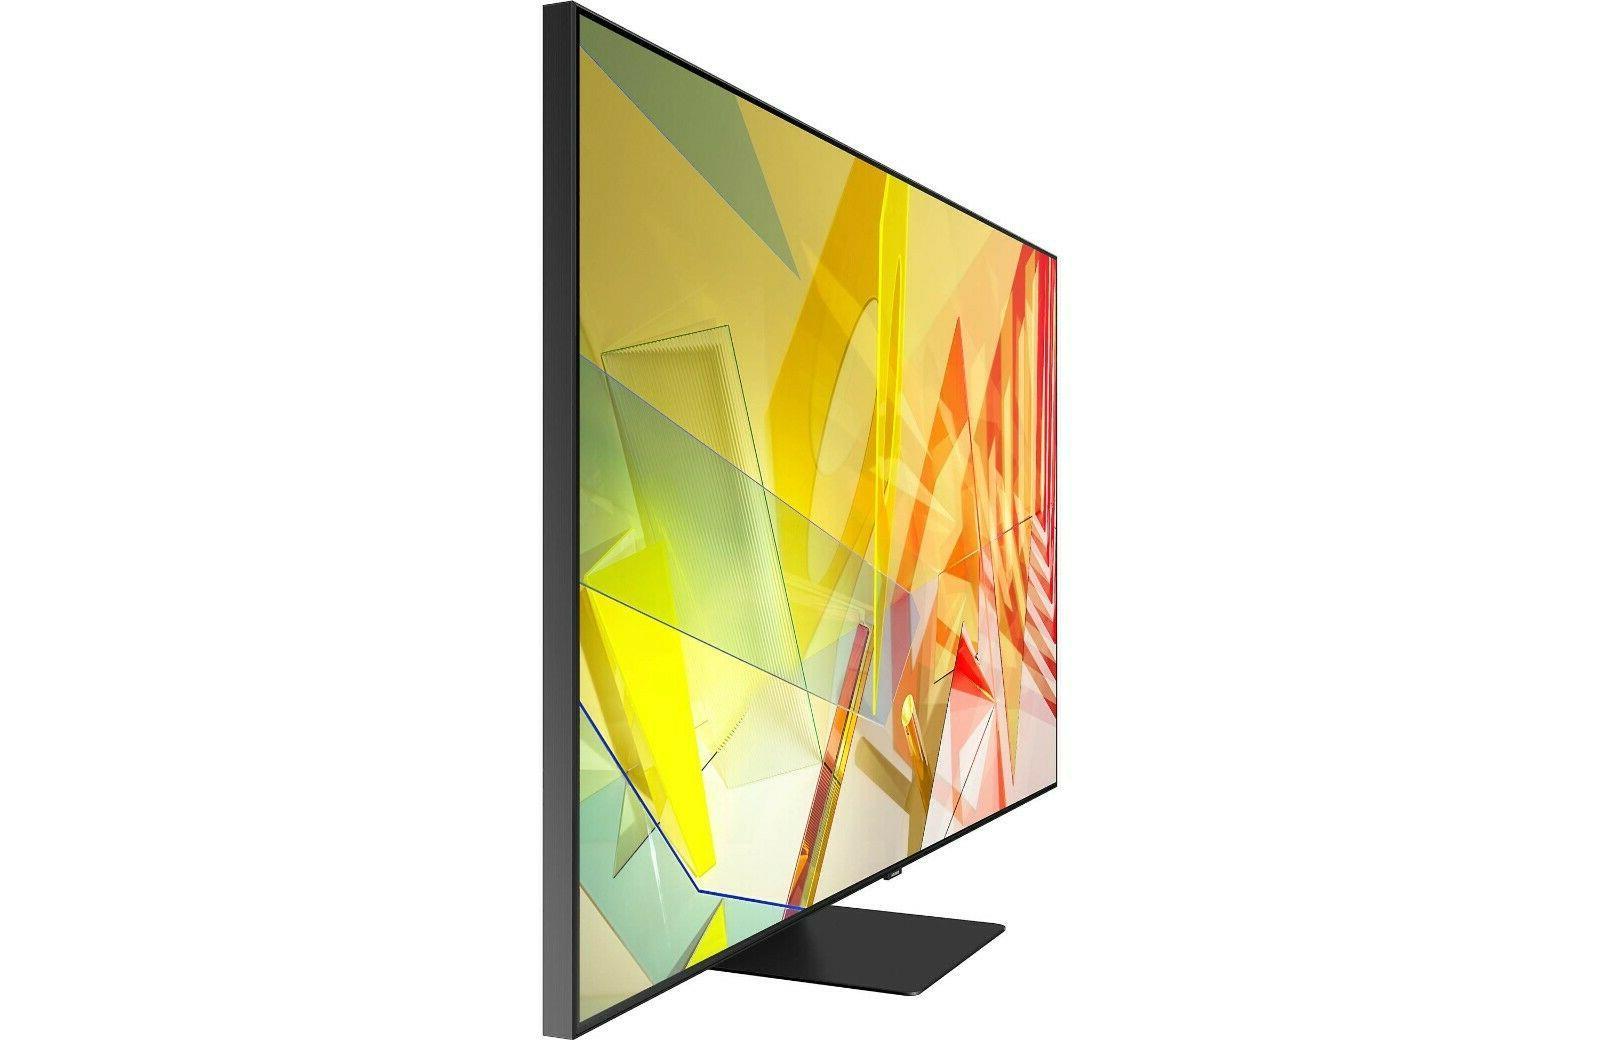 UHD - QN85Q90T LED HDTV 2020